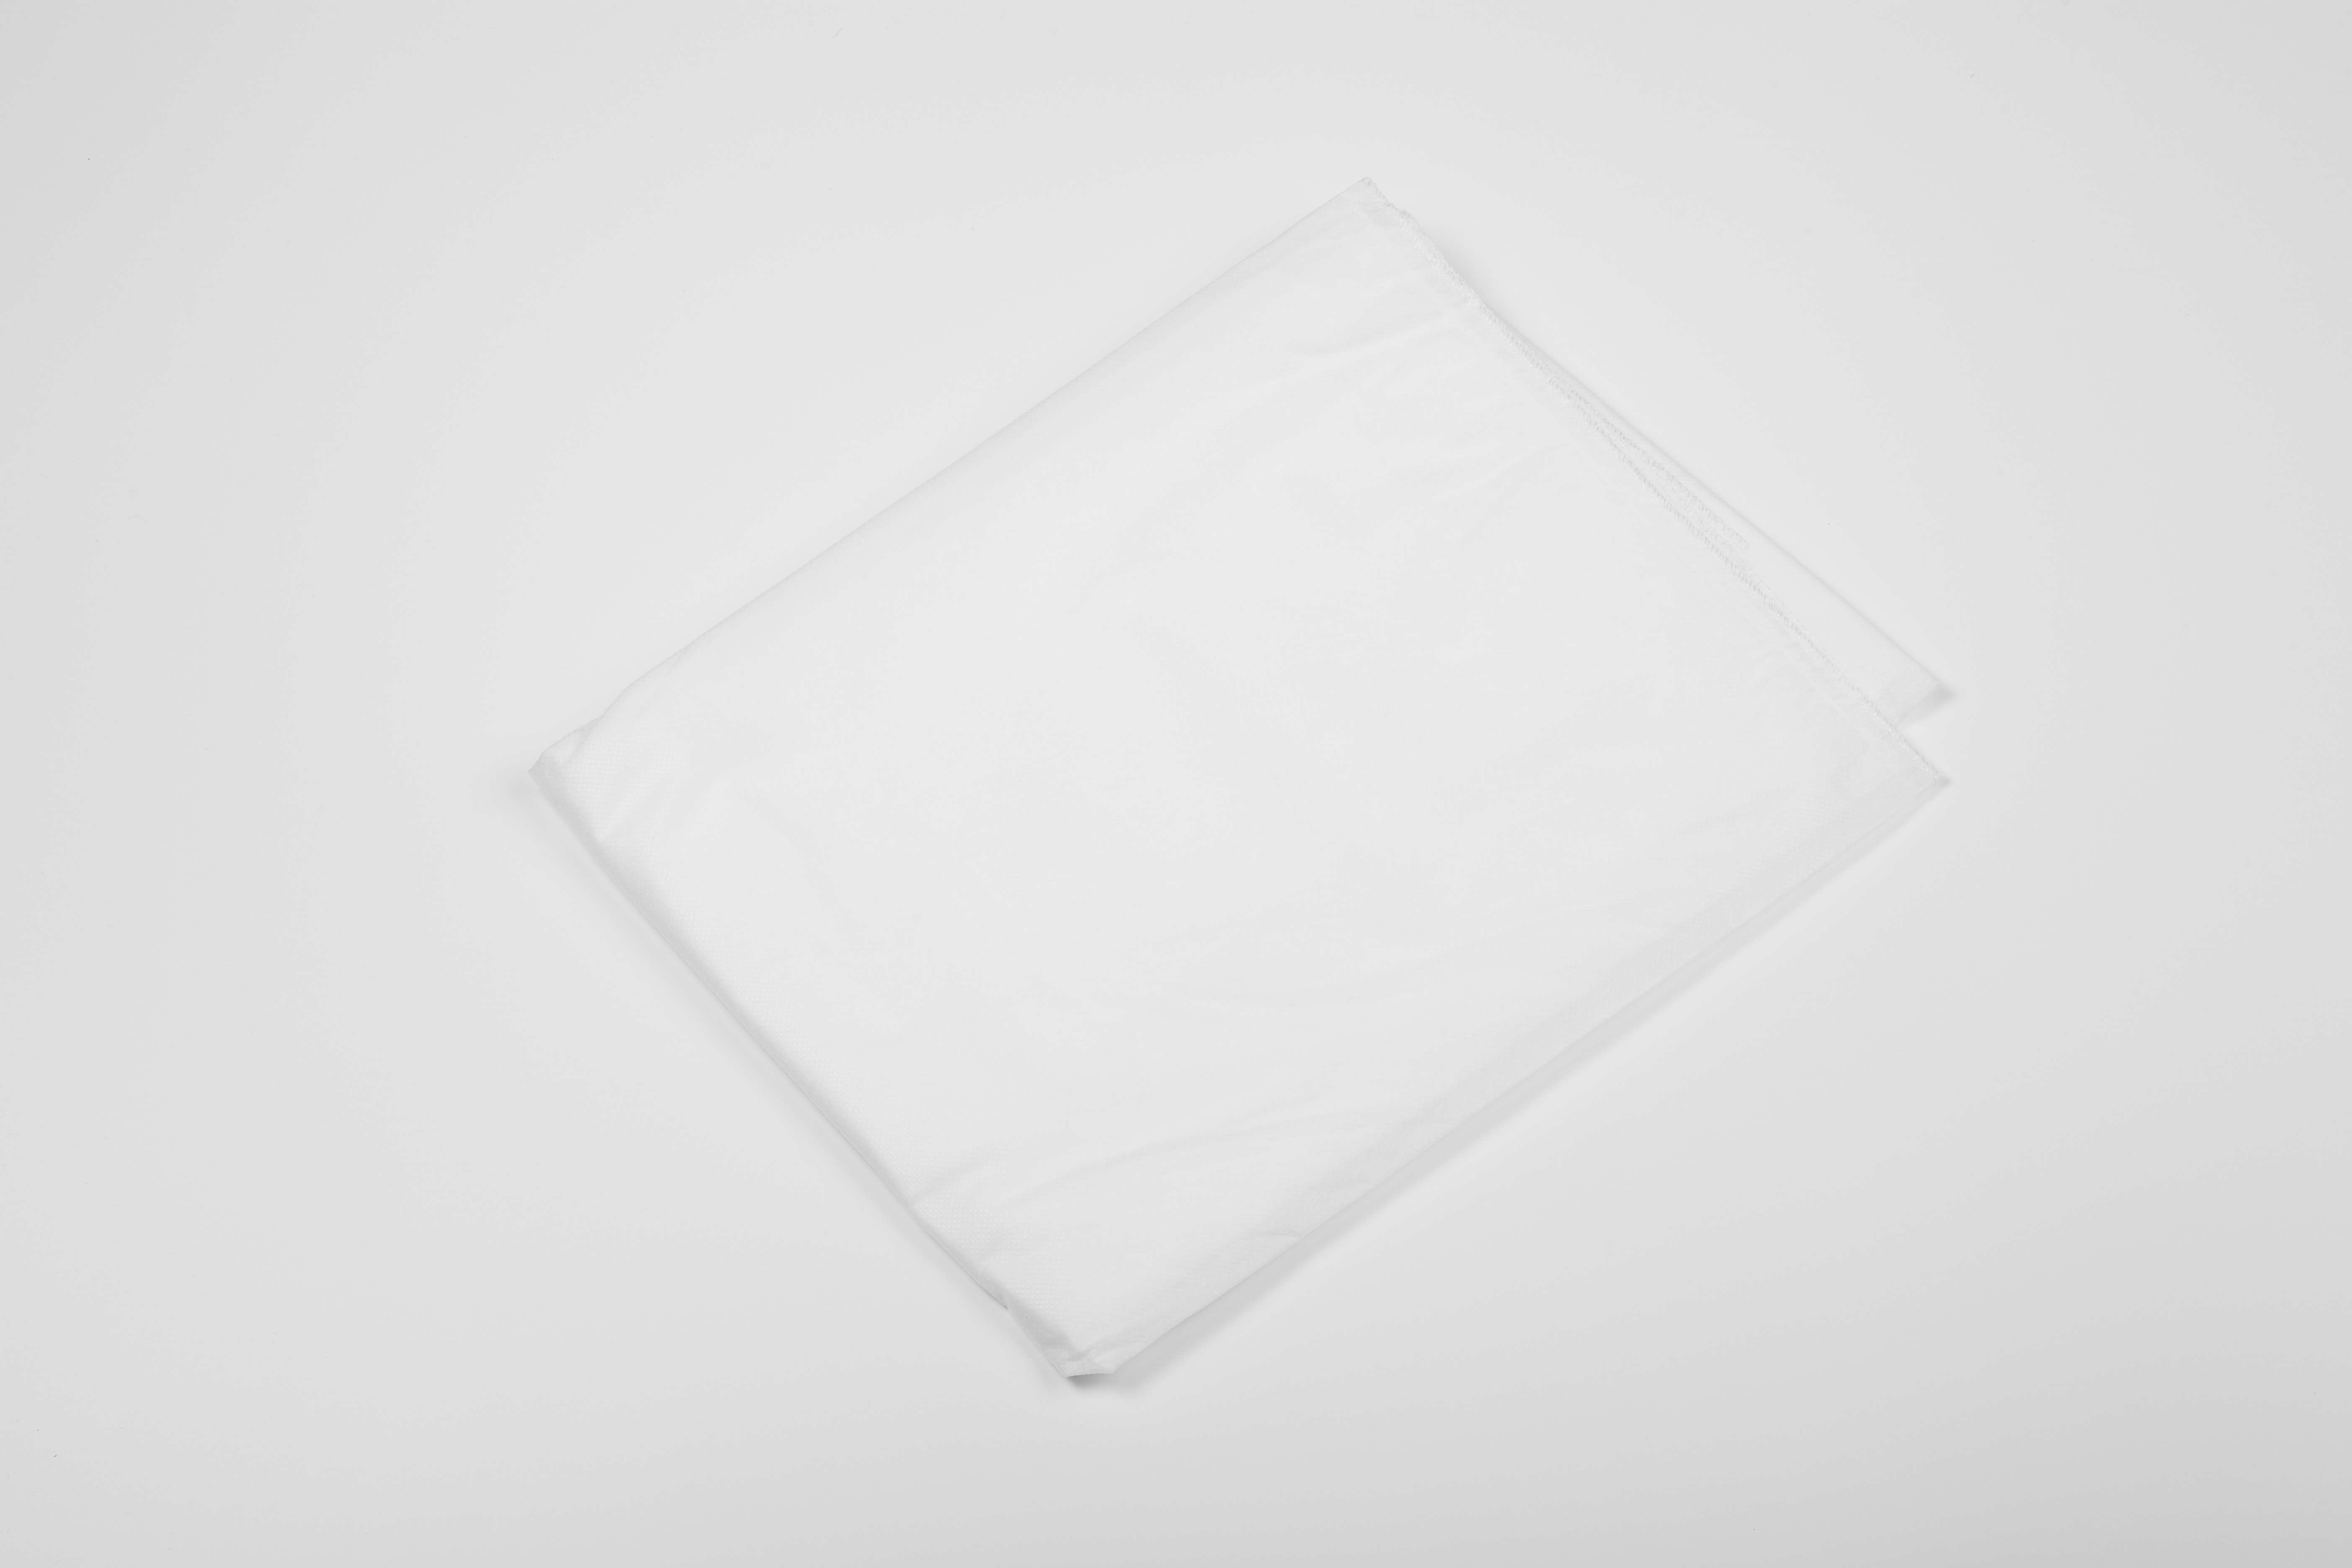 Einmal-Kissenbezug 42x45 cm weiß